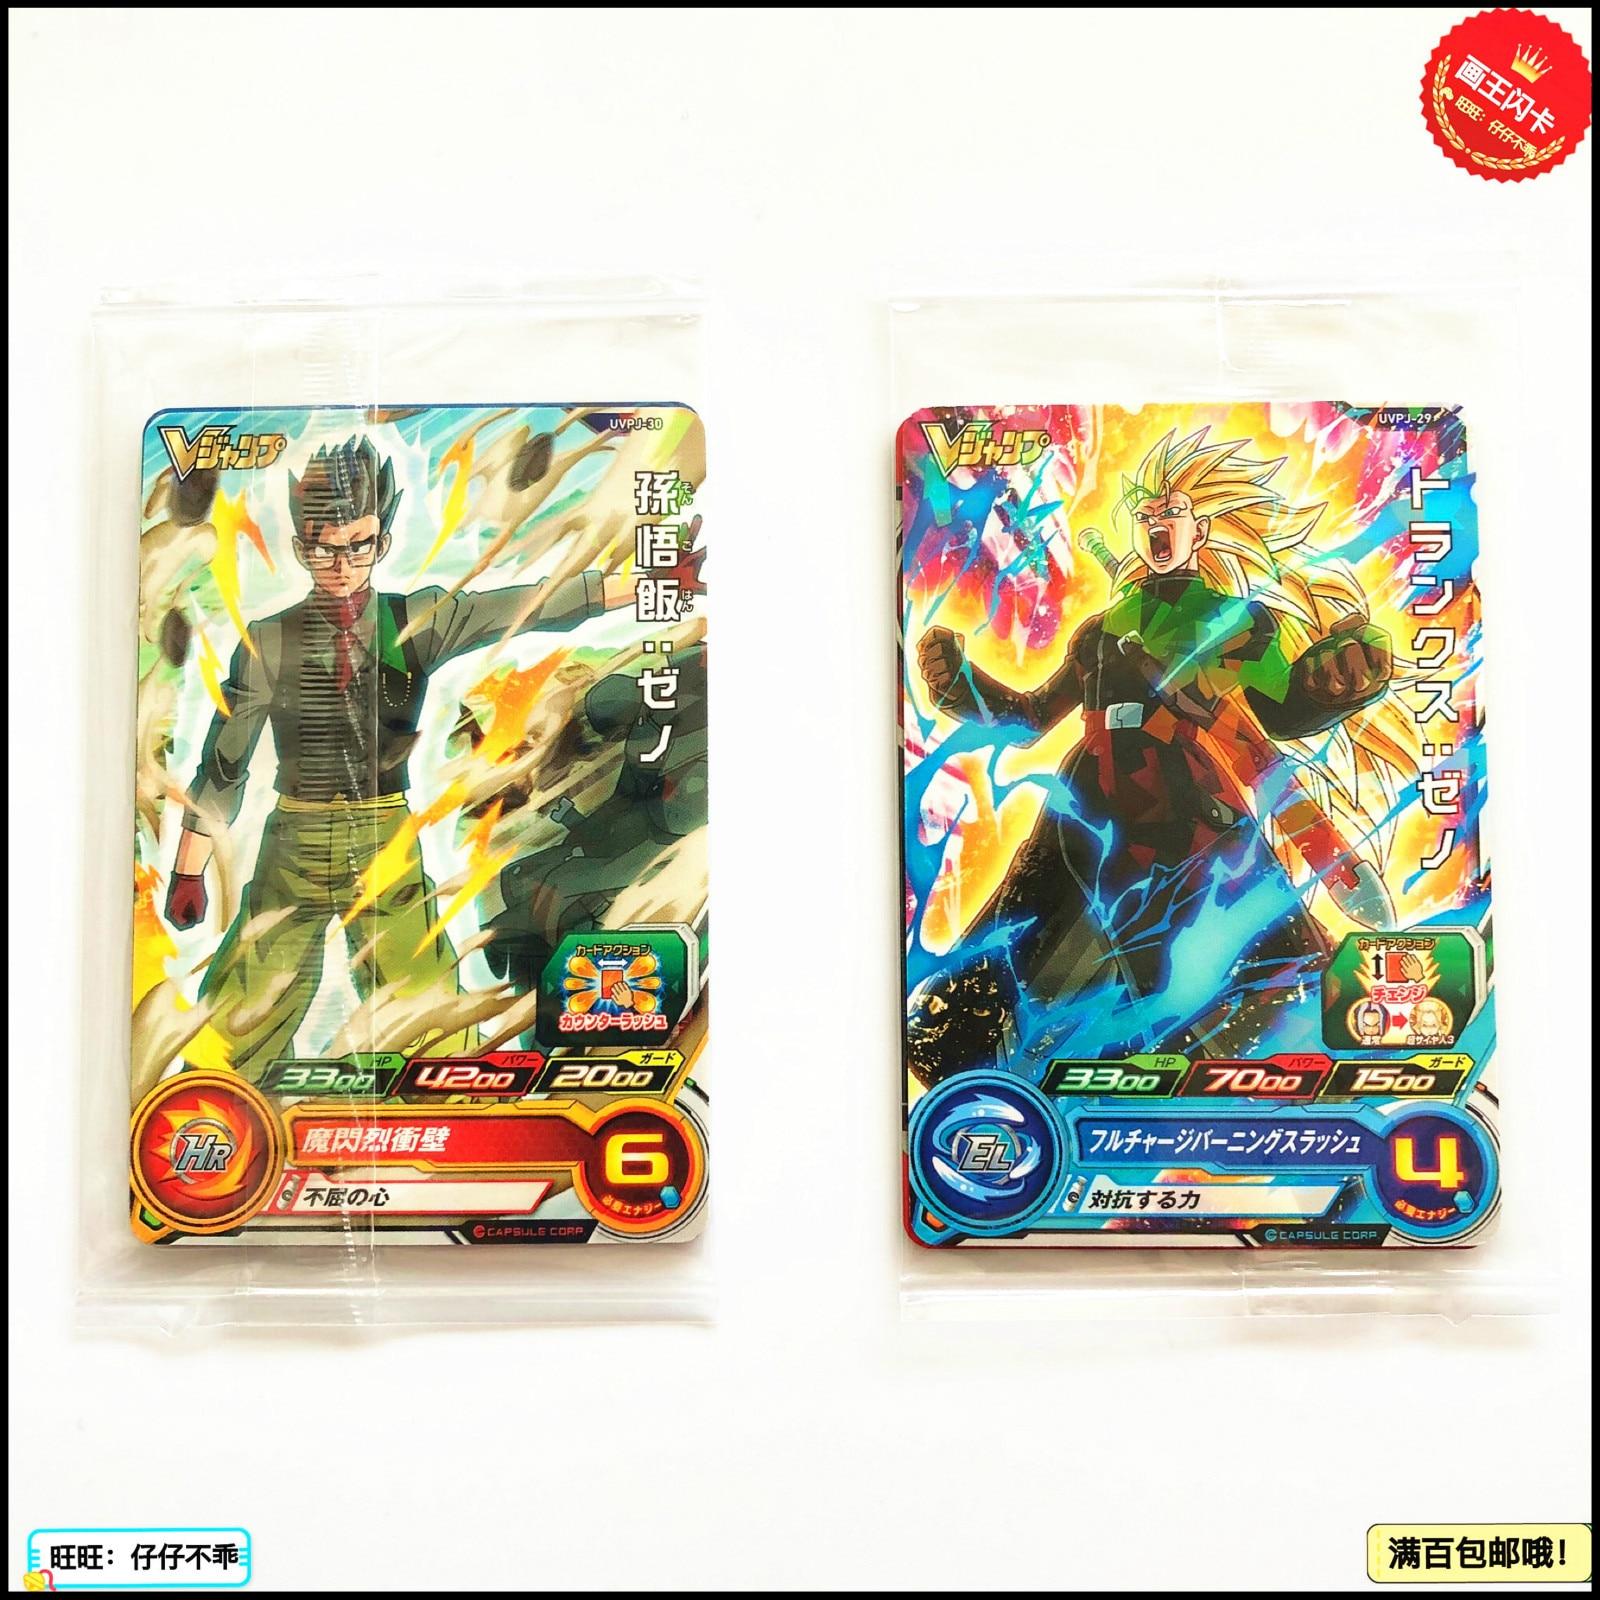 2pcs/set Japan Original Dragon Ball Hero Card UVPJ-29 30 Goku Toys Hobbies Collectibles Game Collection Anime Cards